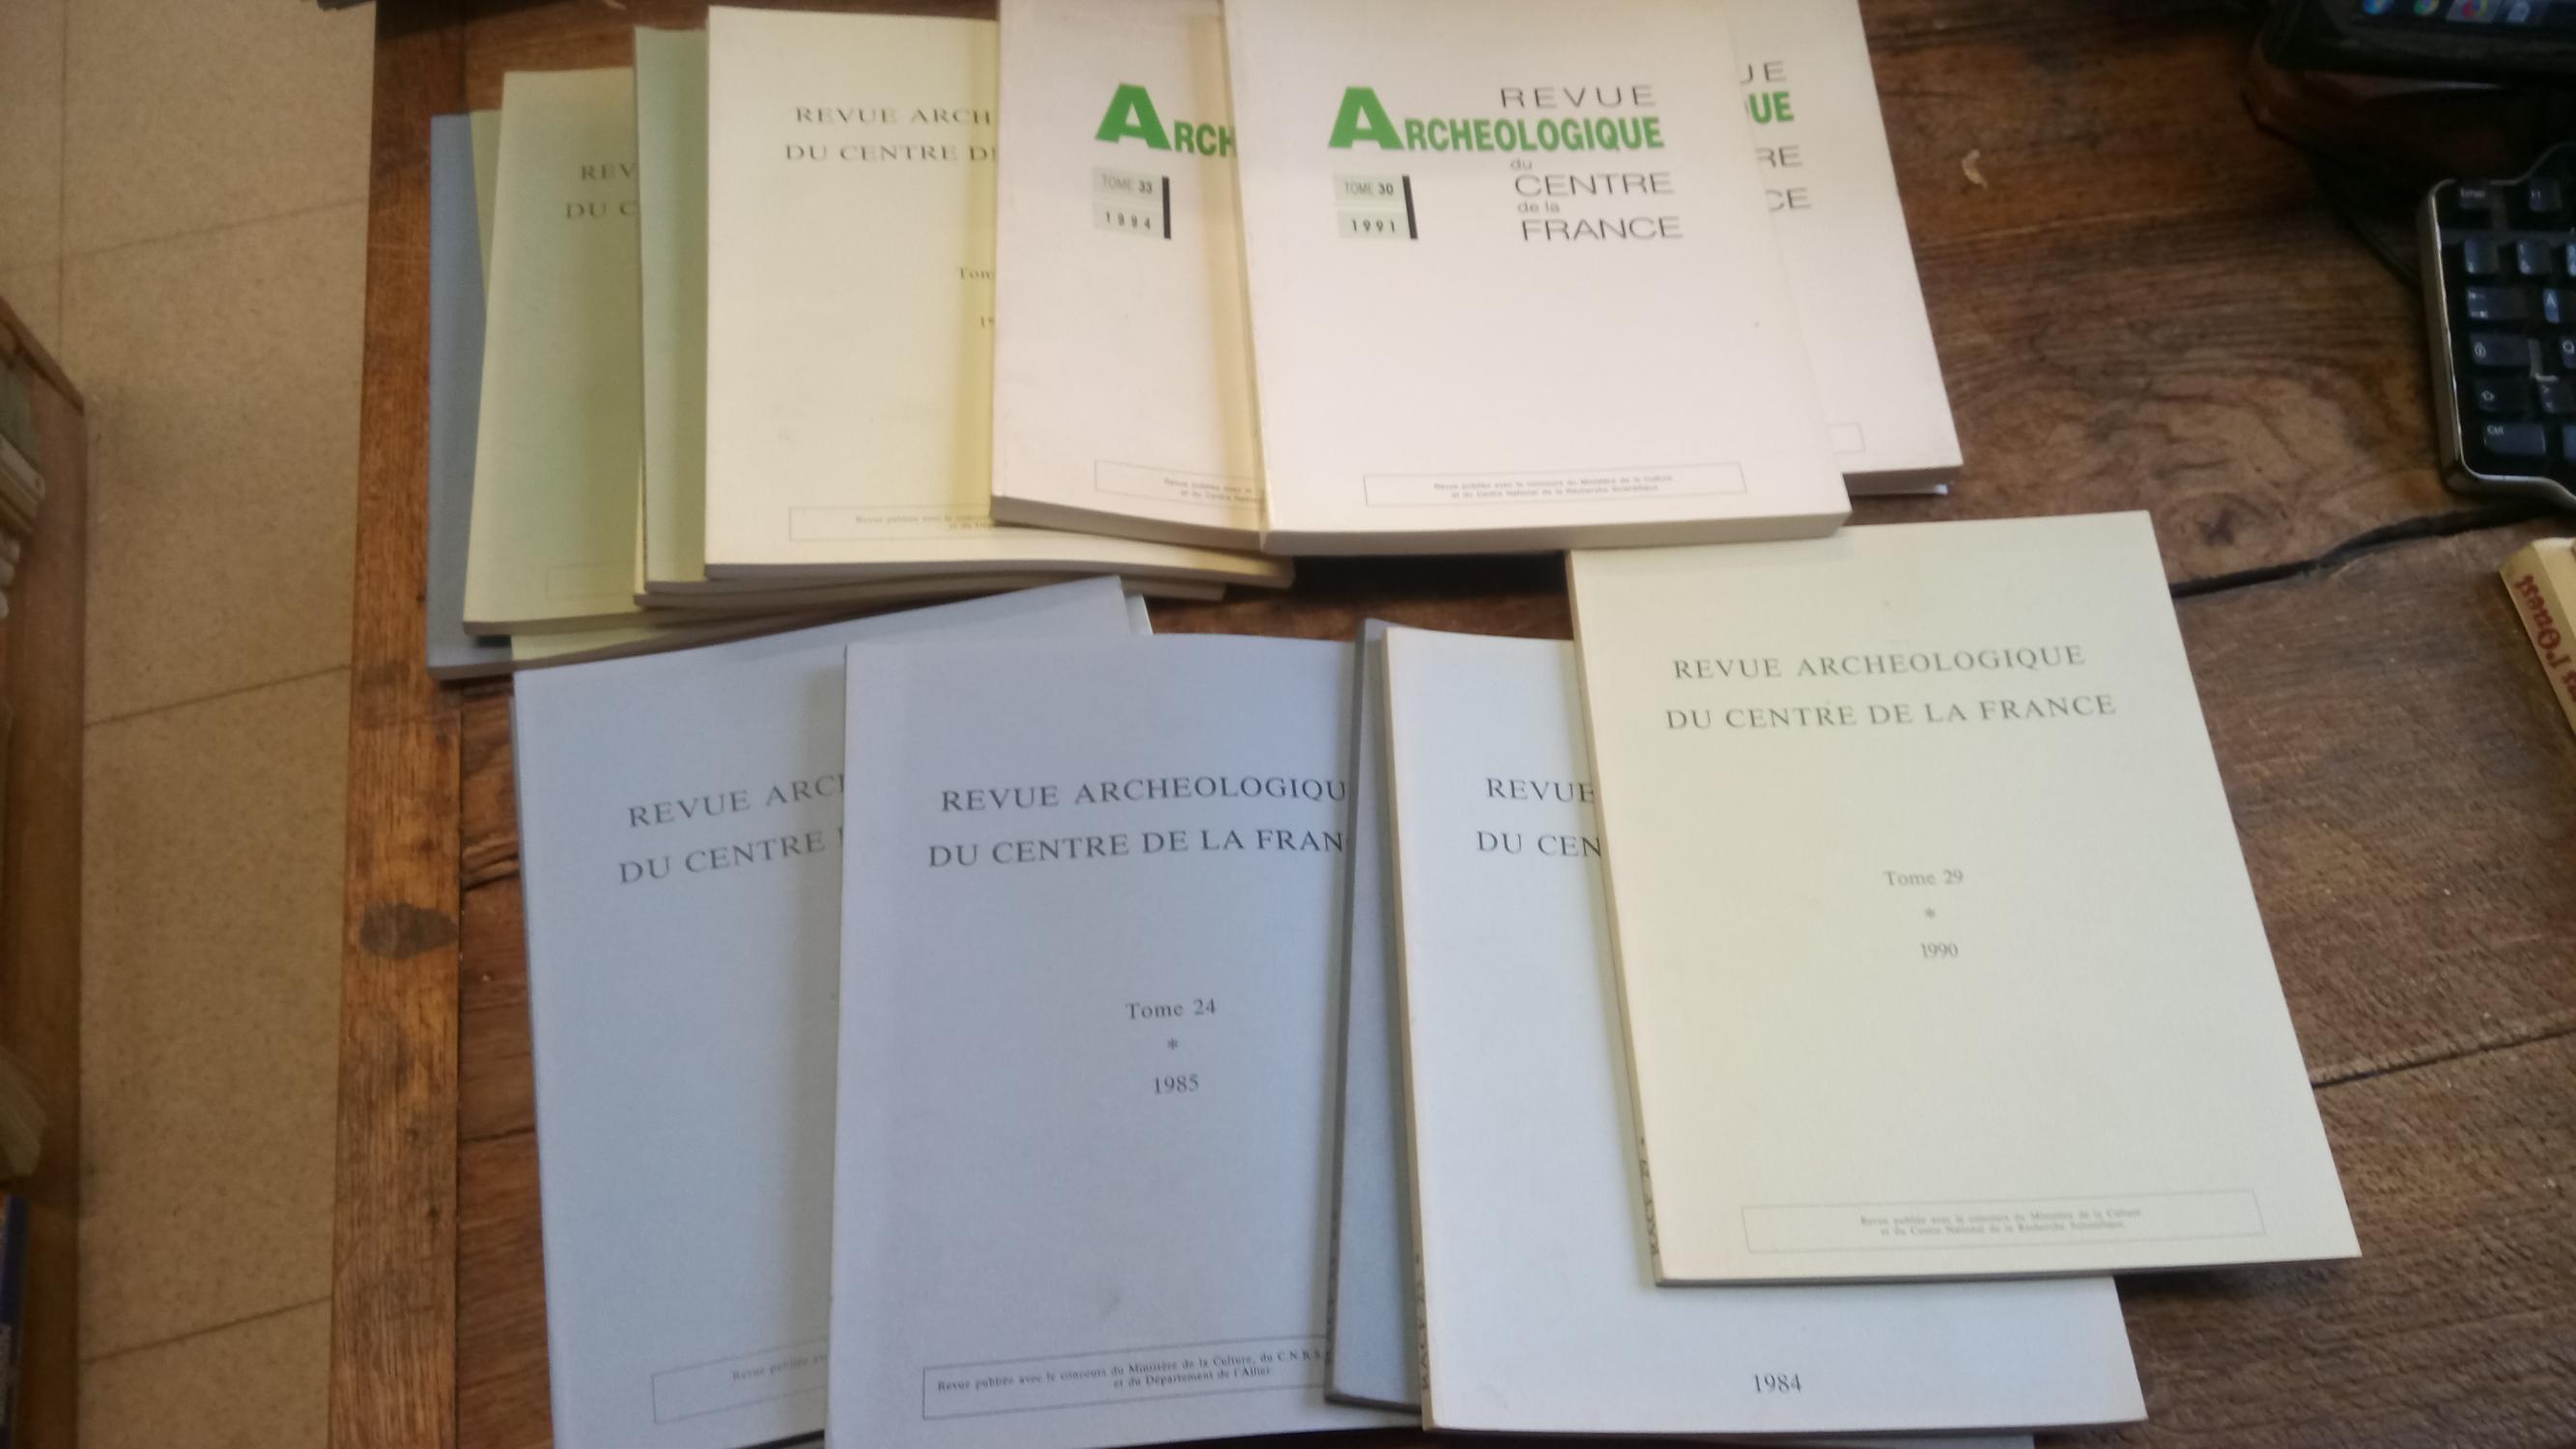 Revue archéologique du centre de la France 16 volumes 10 tomes - tome 23 - 1984 - tome 24 - 1985 ( 1 vol 1ère partie ) - Tome 25 - 1986 - tome 26 - 1